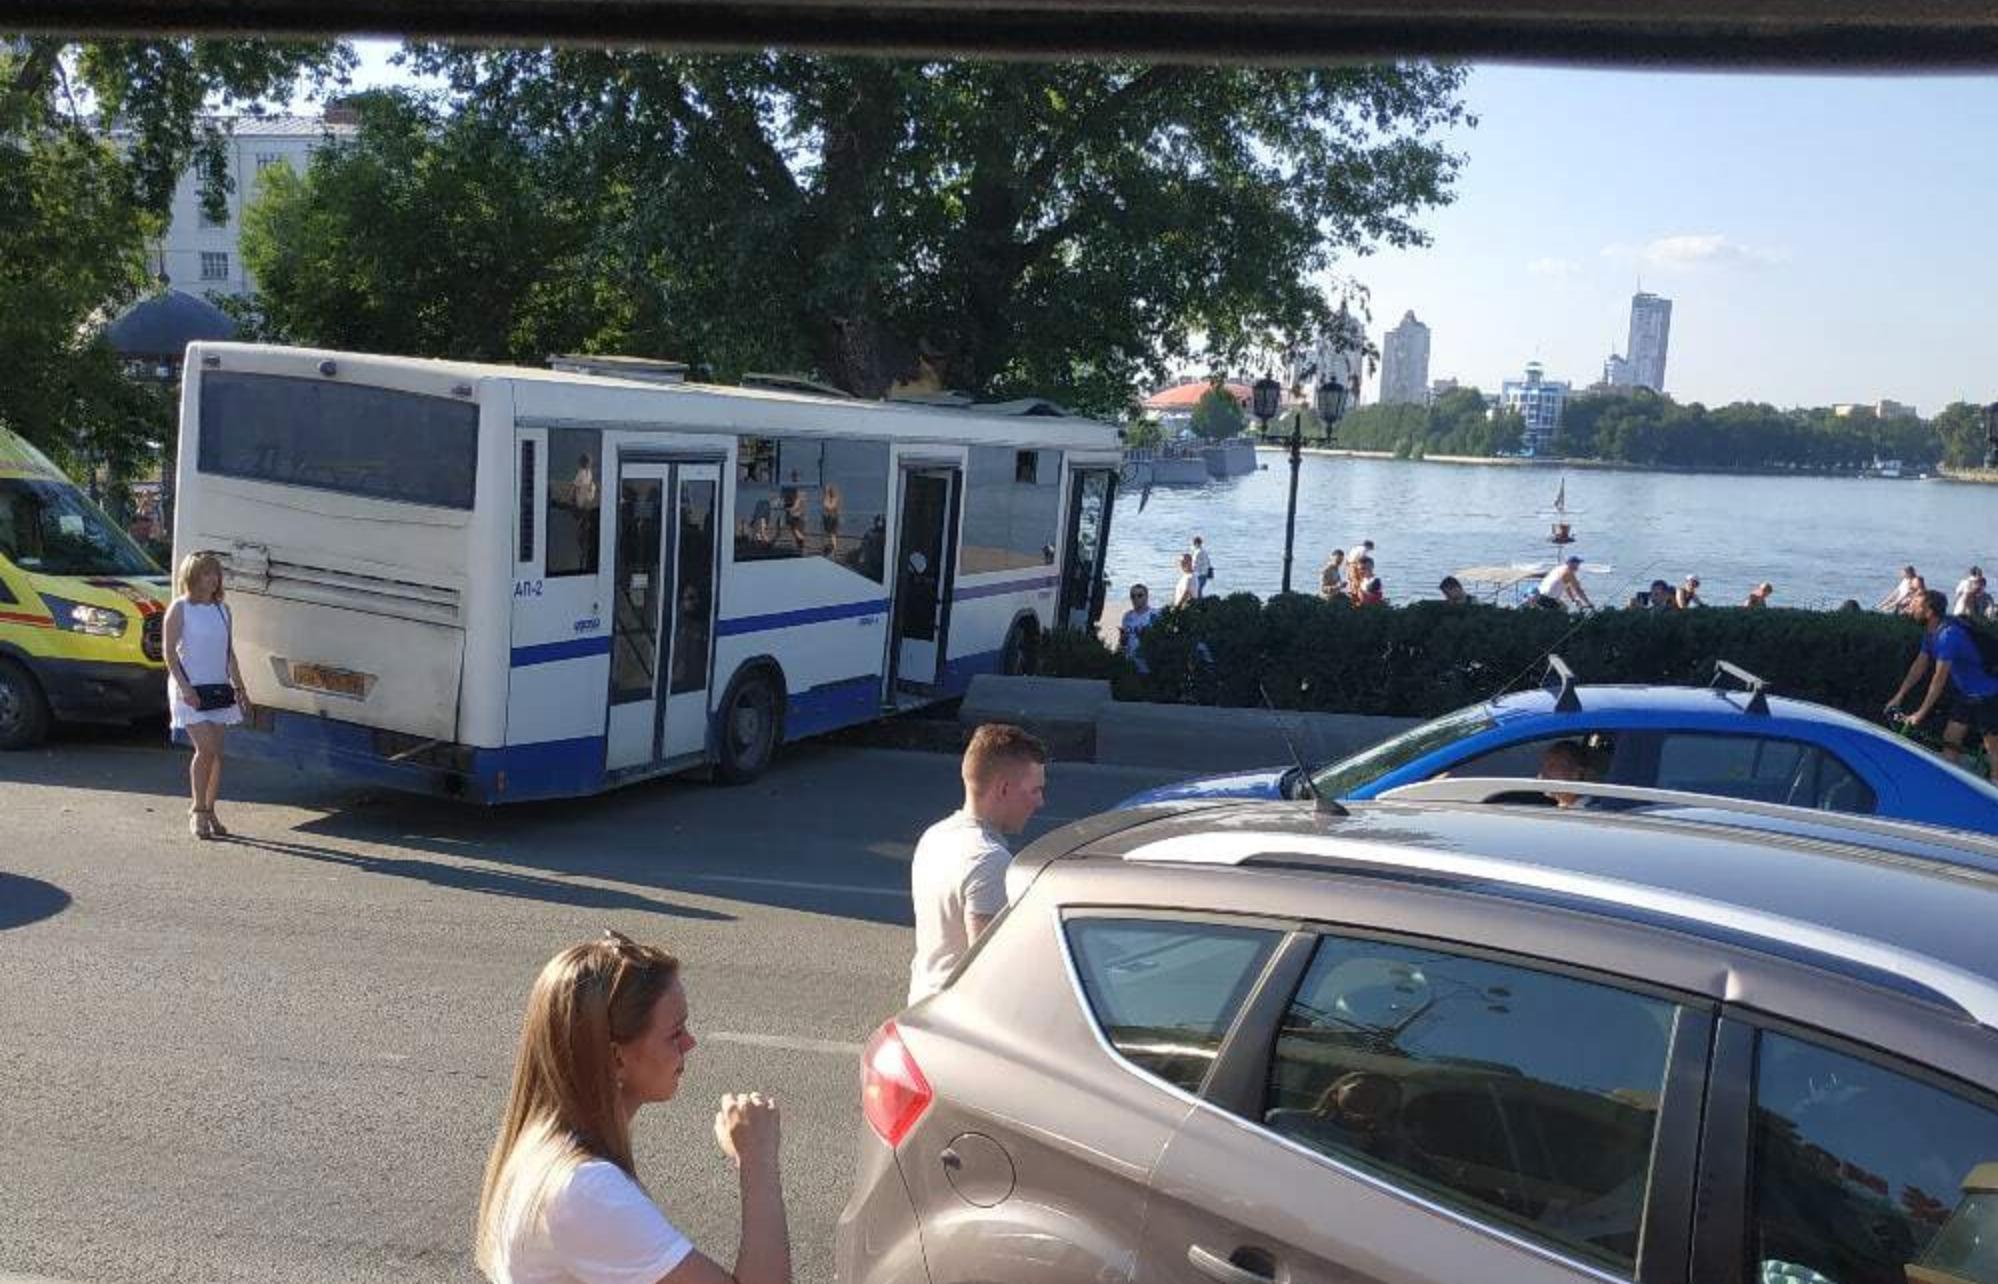 В центре Екатеринбурга автобус влетел в дерево. И это предотвратило трагедию